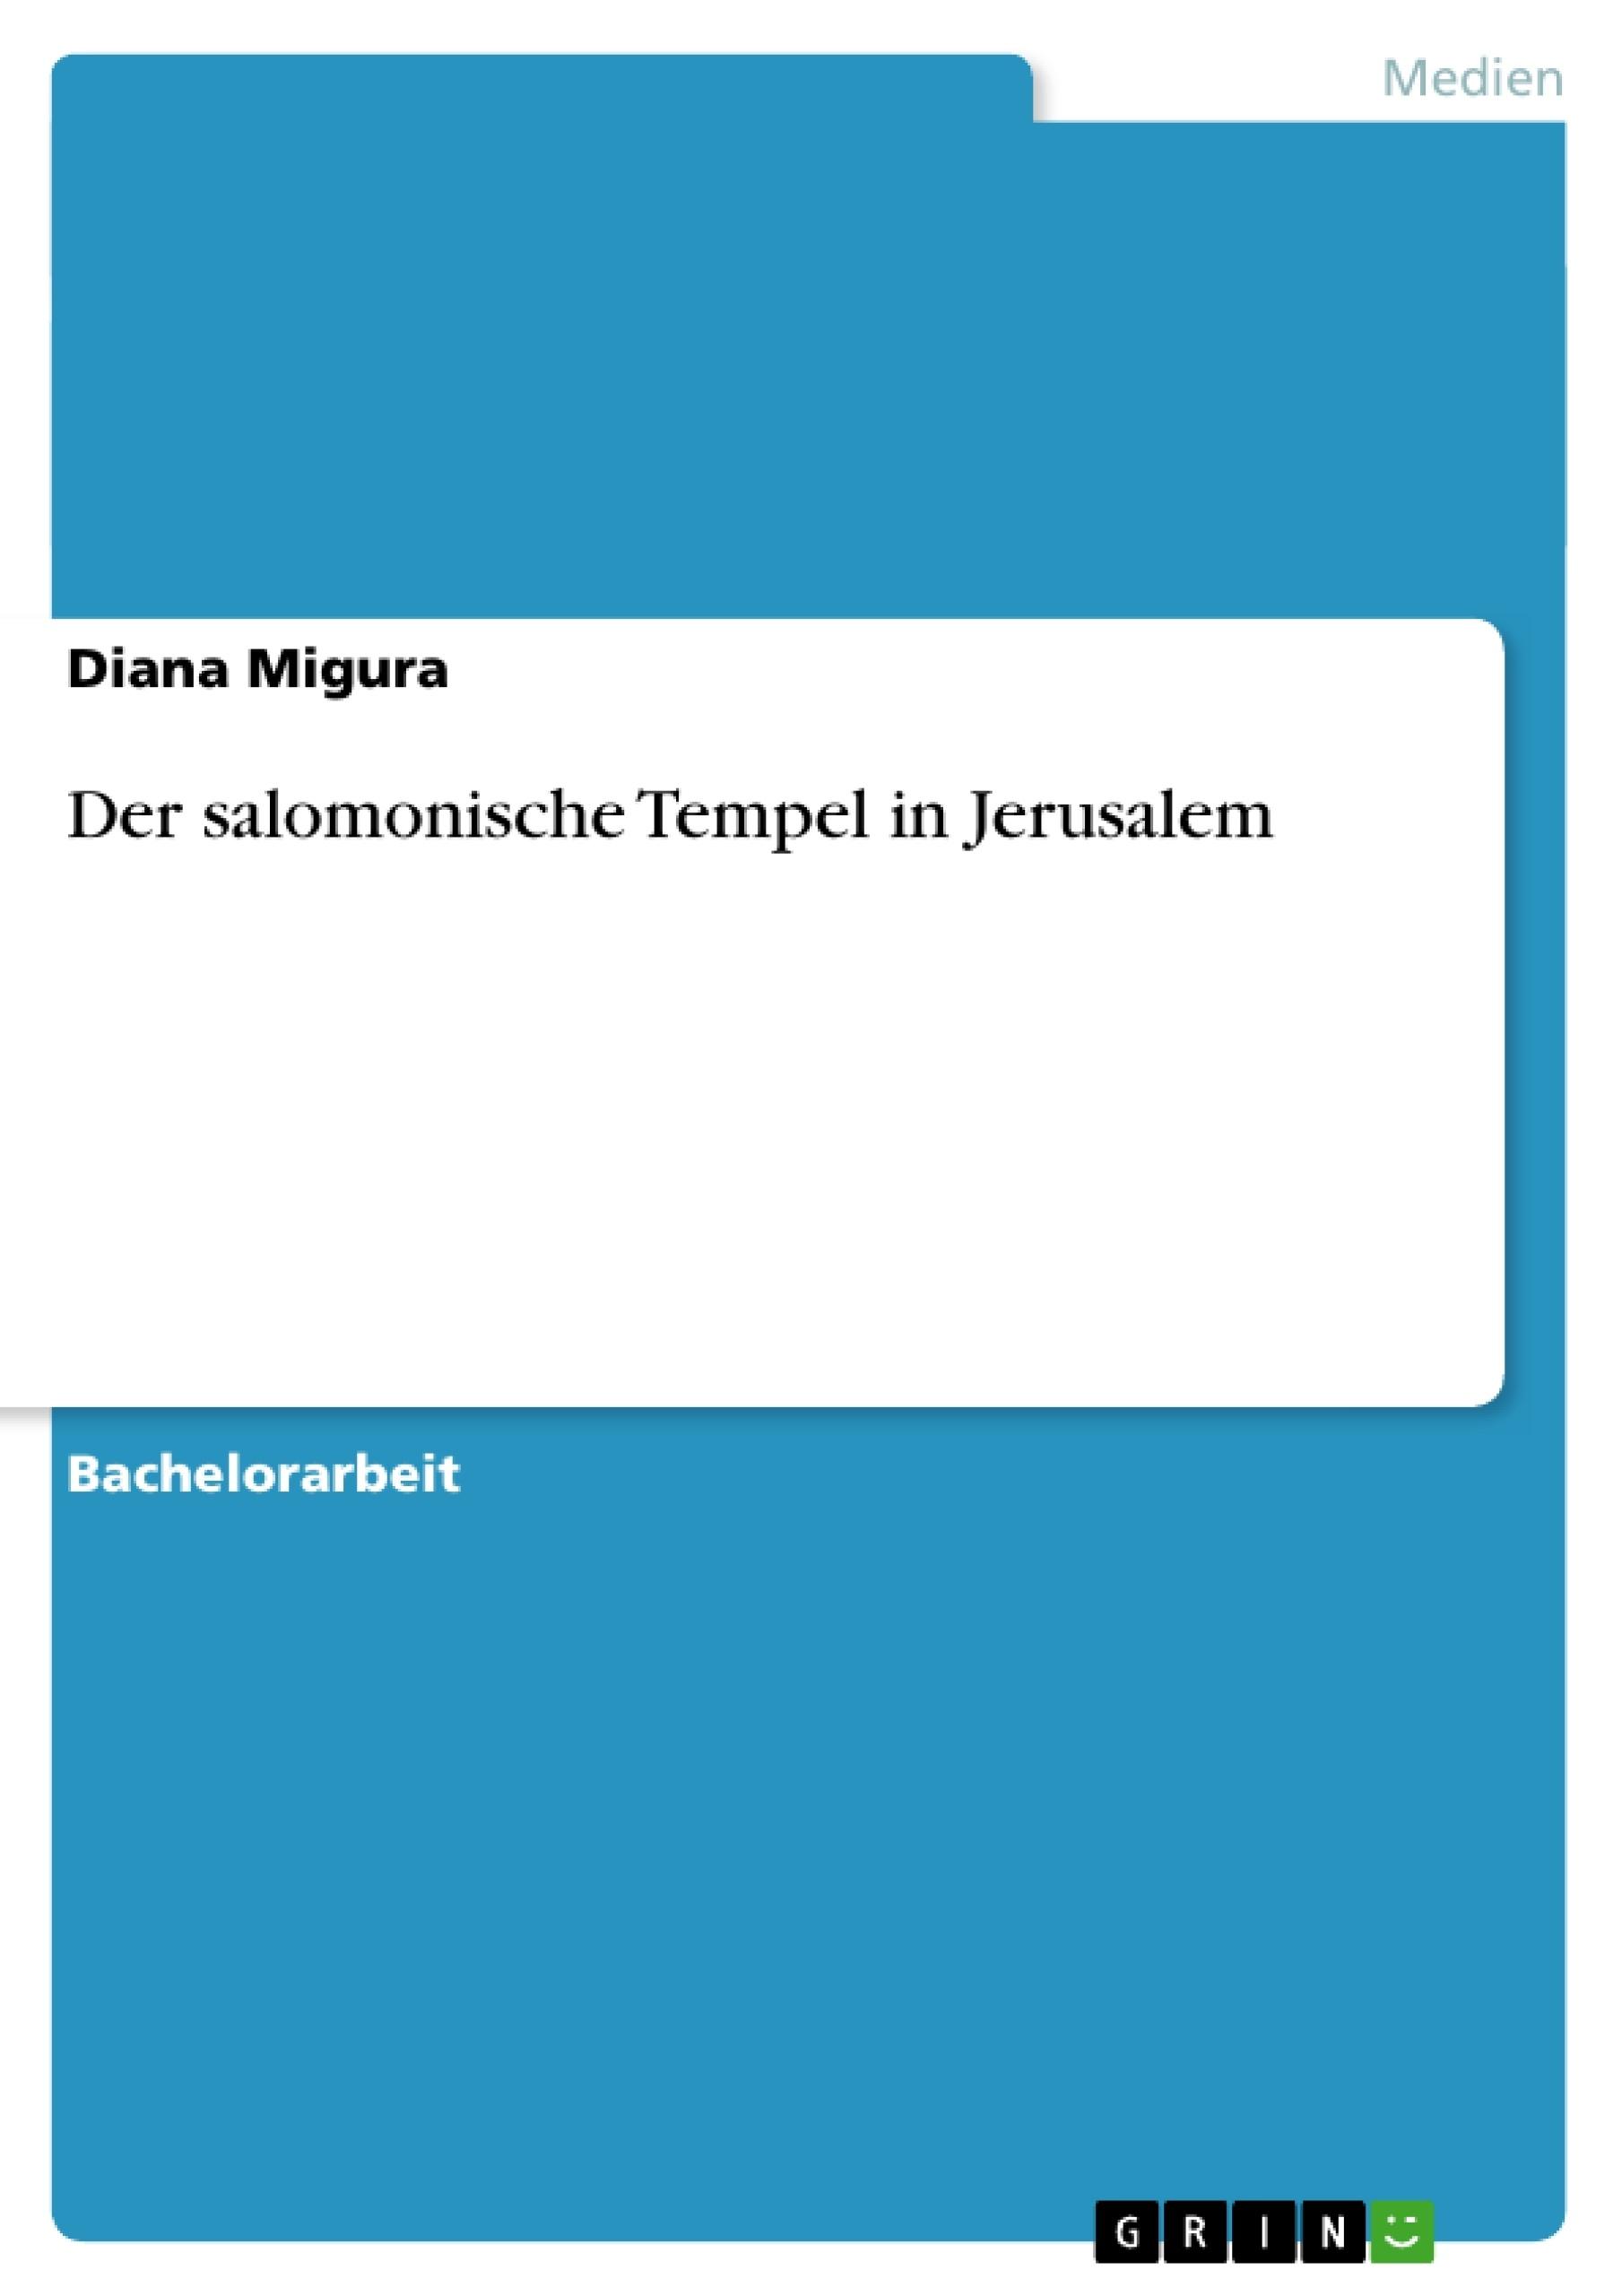 Titel: Der salomonische Tempel in Jerusalem